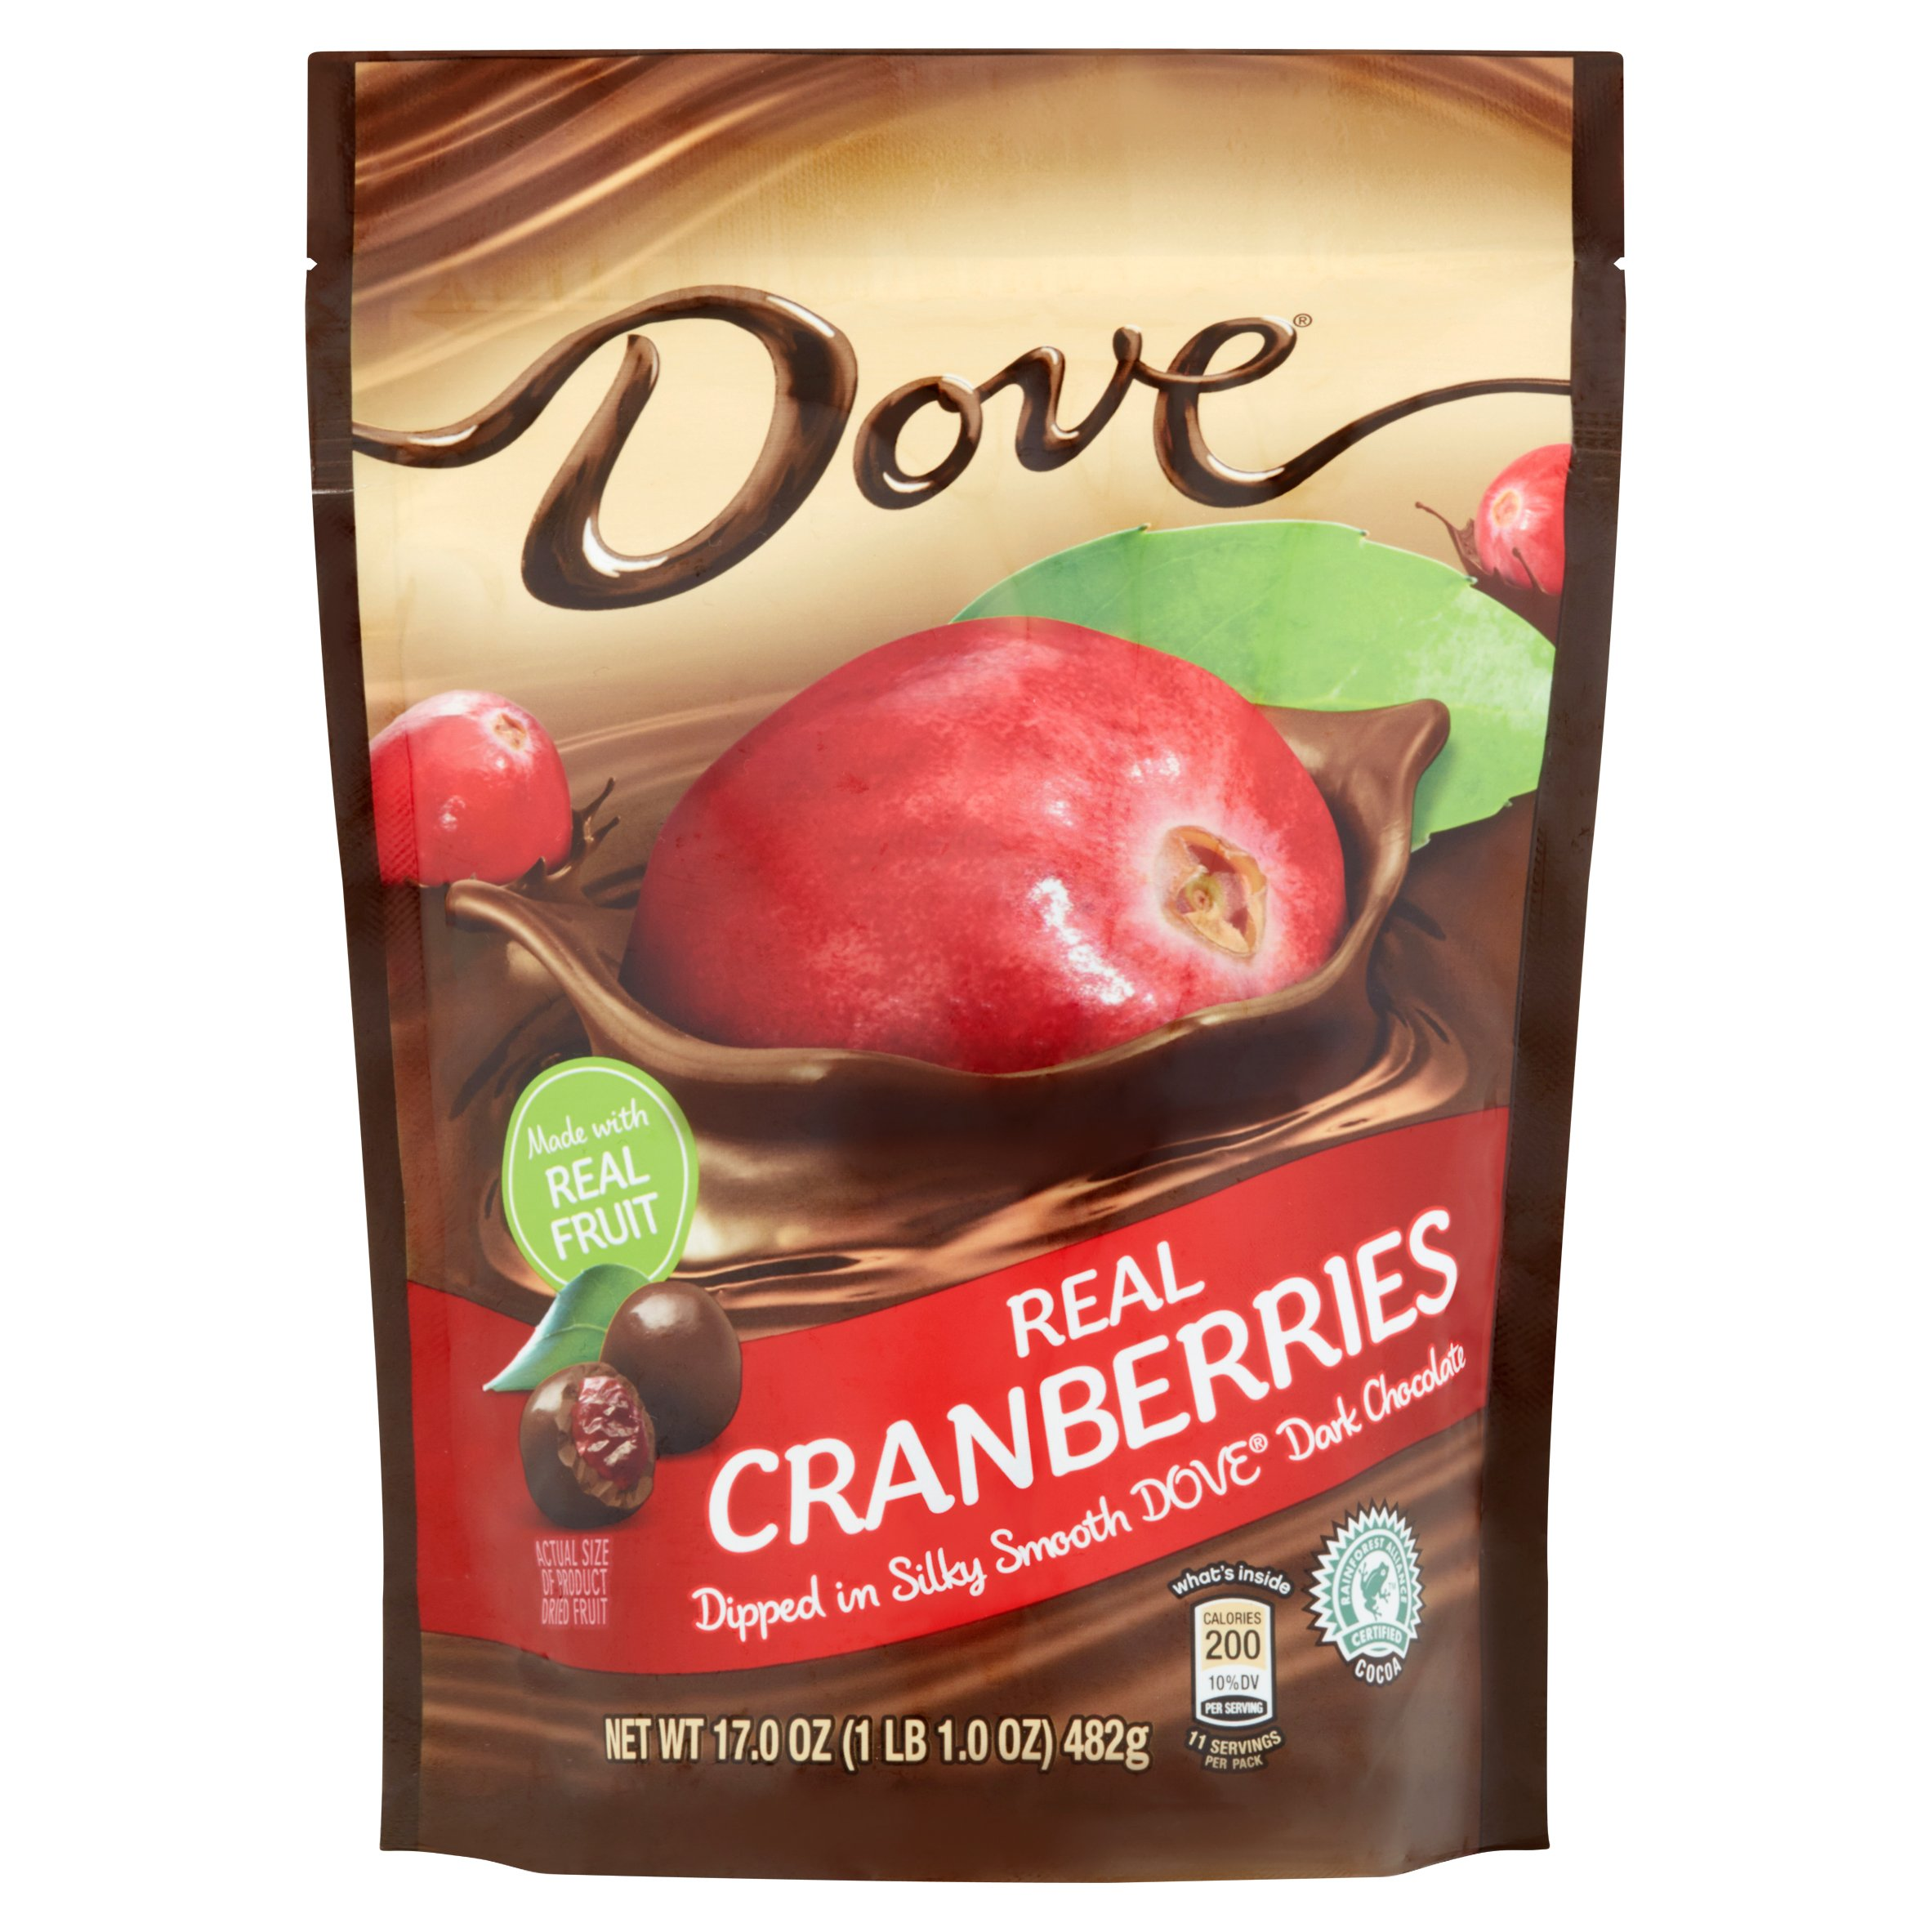 Dove Real Cranberries, 17.0 oz - Walmart.com